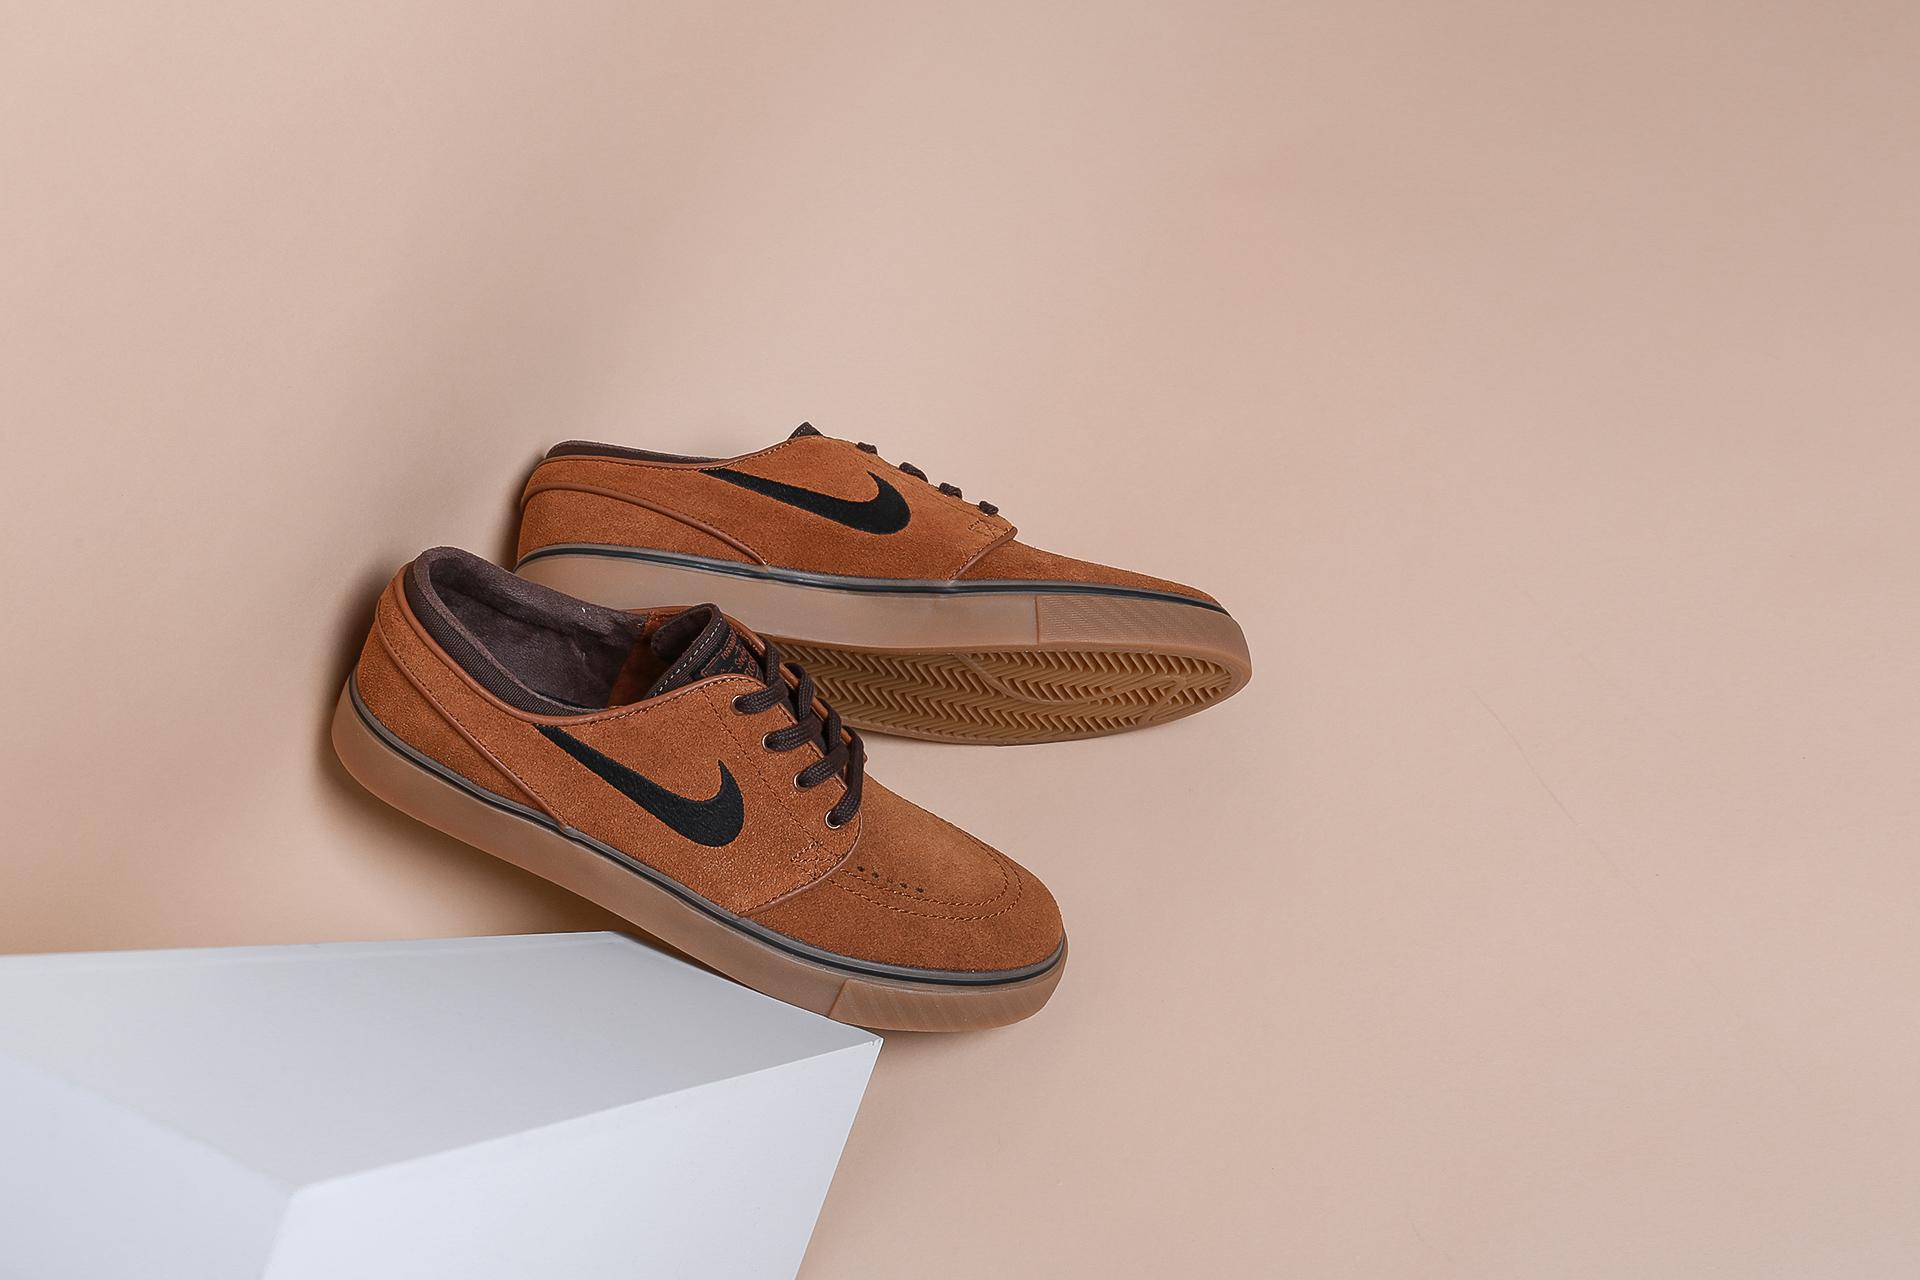 65670d9c Купить коричневые мужские кроссовки Zoom Stefan Janoski от Nike SB ...